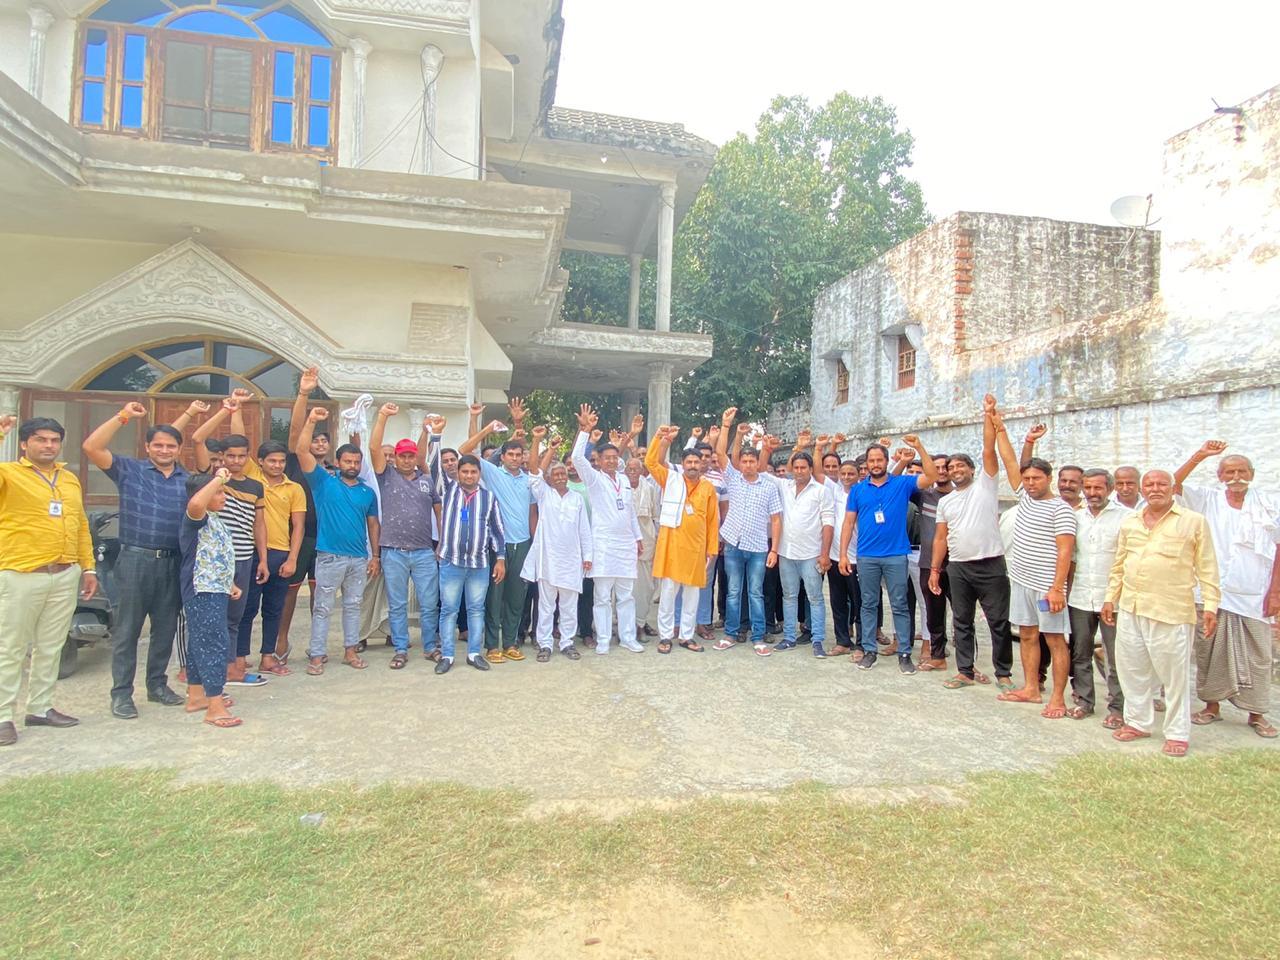 गिरधरपुर गांव की समस्याओं को लेकर करप्शन फ्री इंडिया ने की बैठक